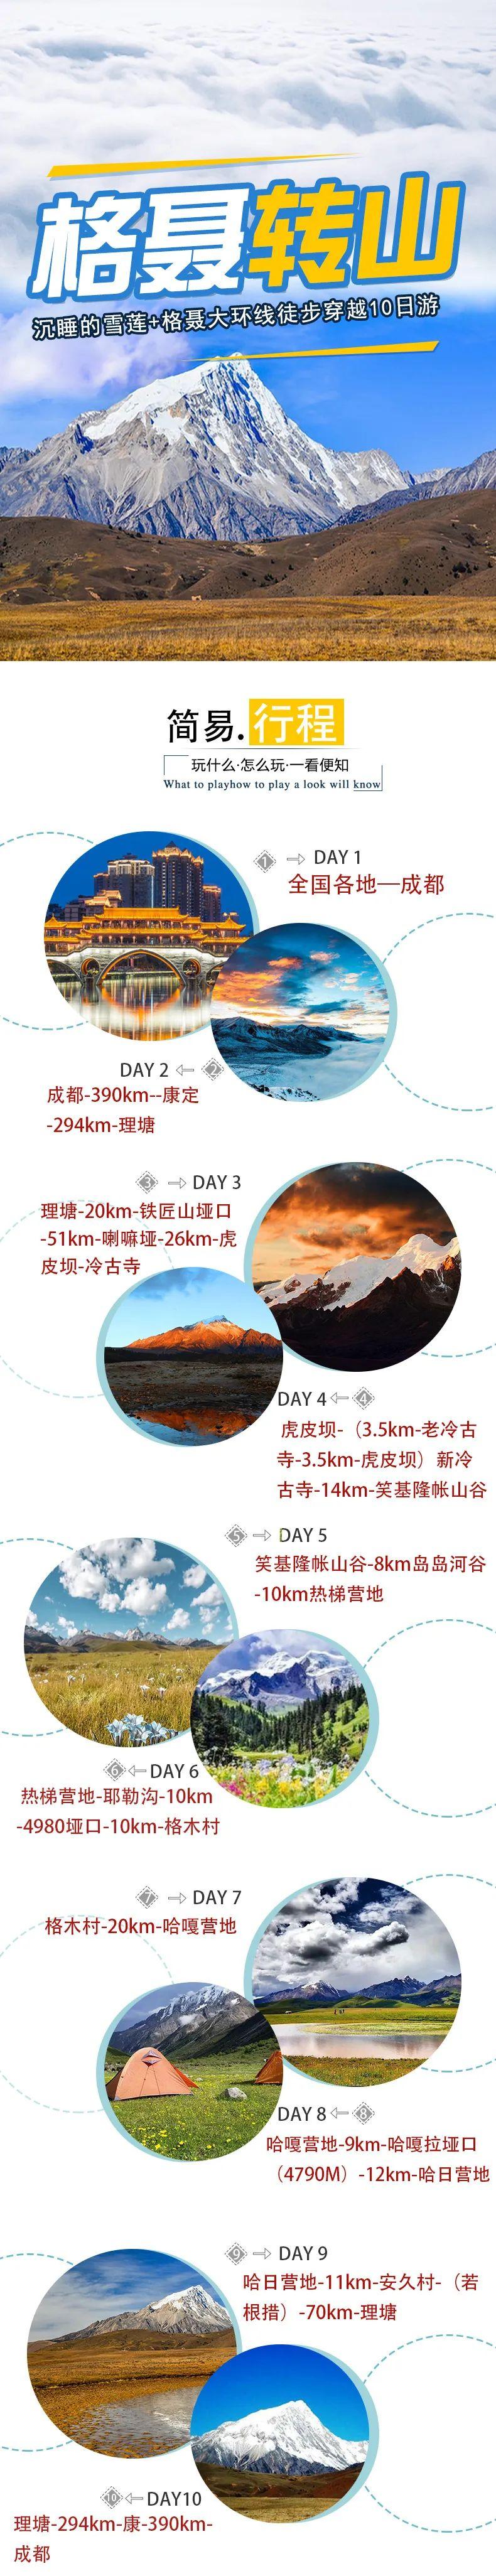 (1)2020【格聂转山】沉睡的雪莲+格聂大环线徒步穿越11日游-户外活动图-驼铃网